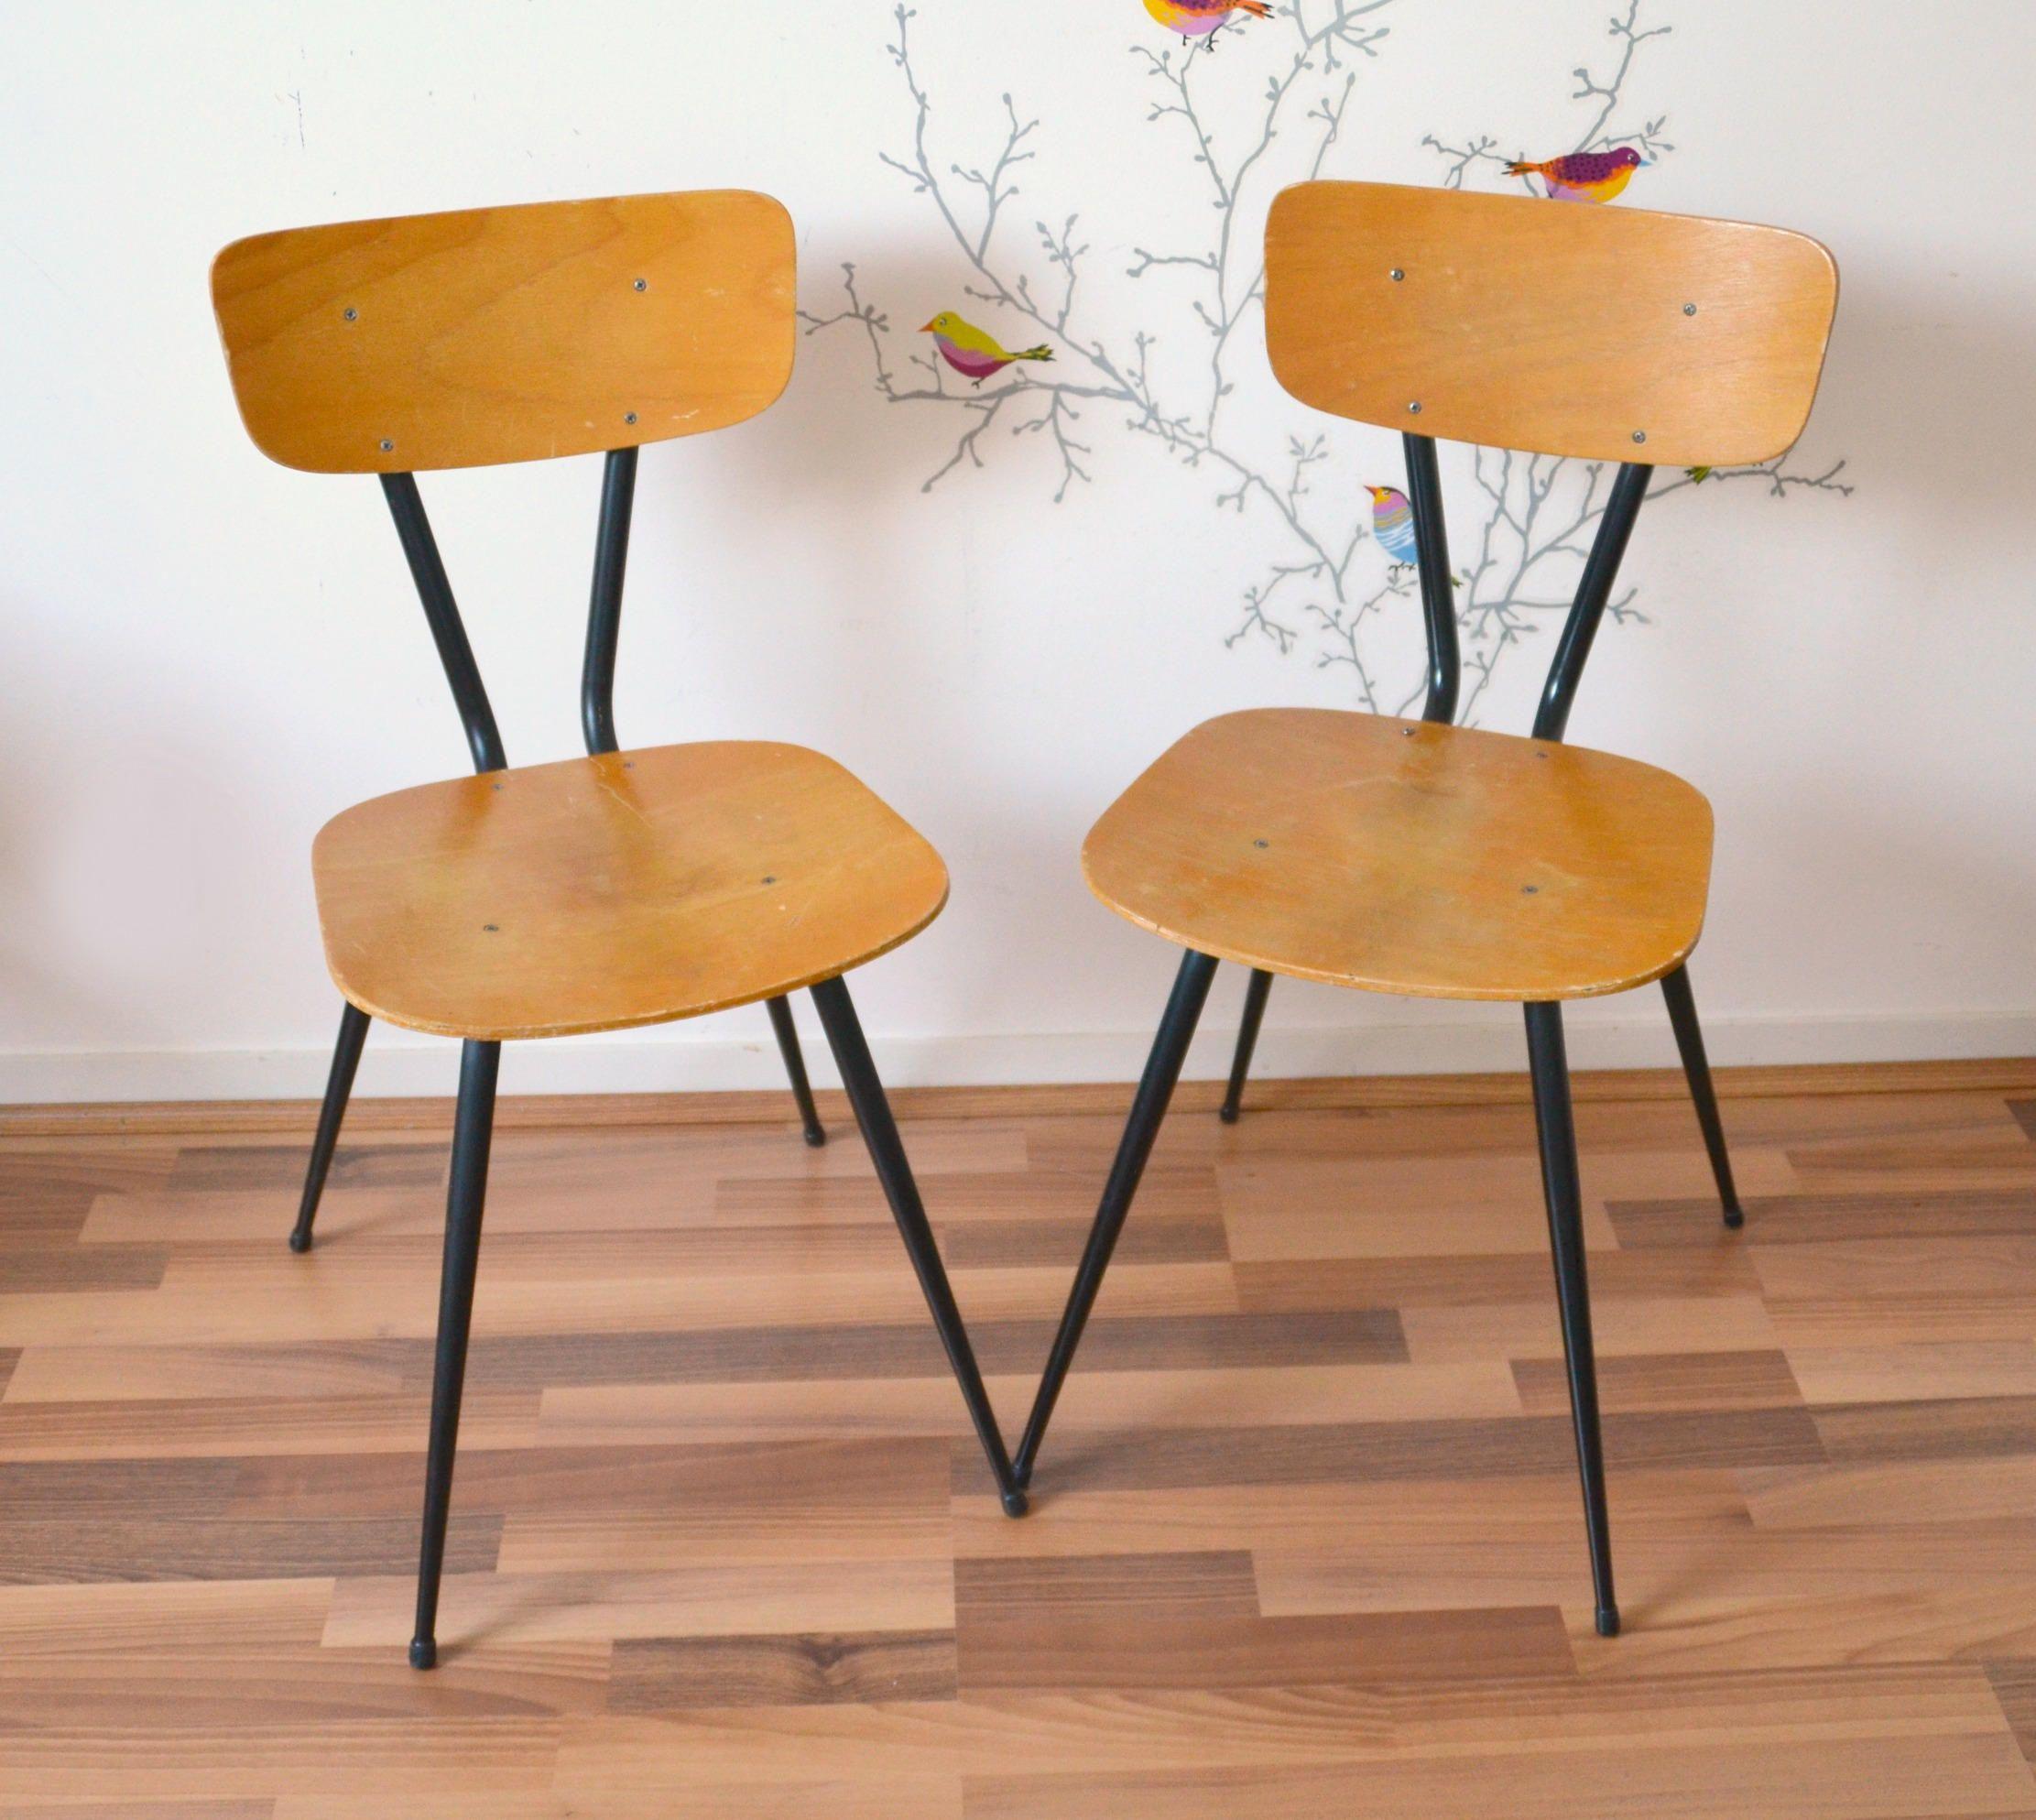 Chaises Vintage En Bois Pieds Compas Noirs Chair De La Boutique Atelierdelachoisille Sur Etsy Decor Home Decor Dining Chairs